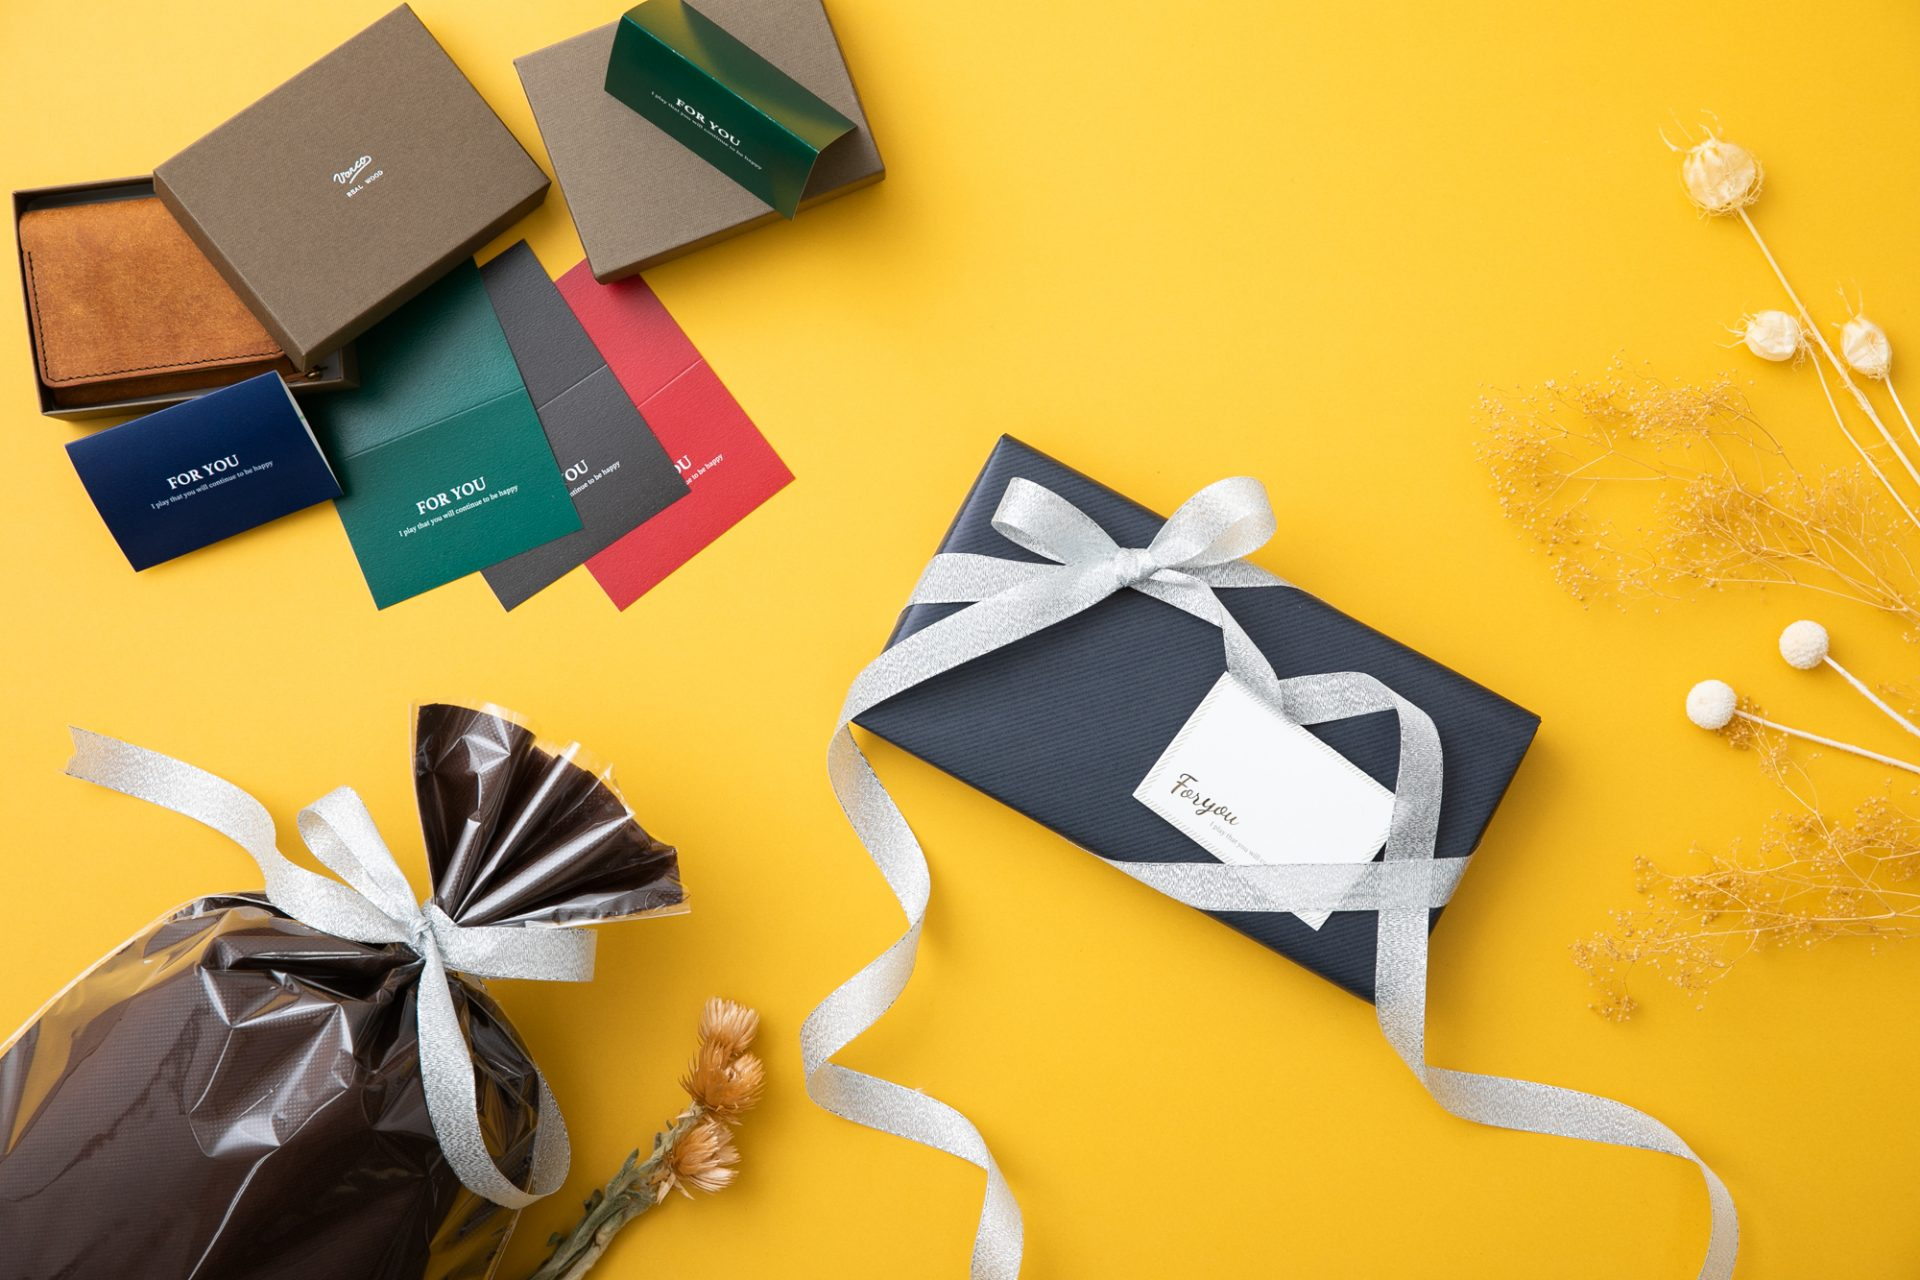 女性に贈るプレゼントにおすすめの財布とは?パターン別に紹介します!